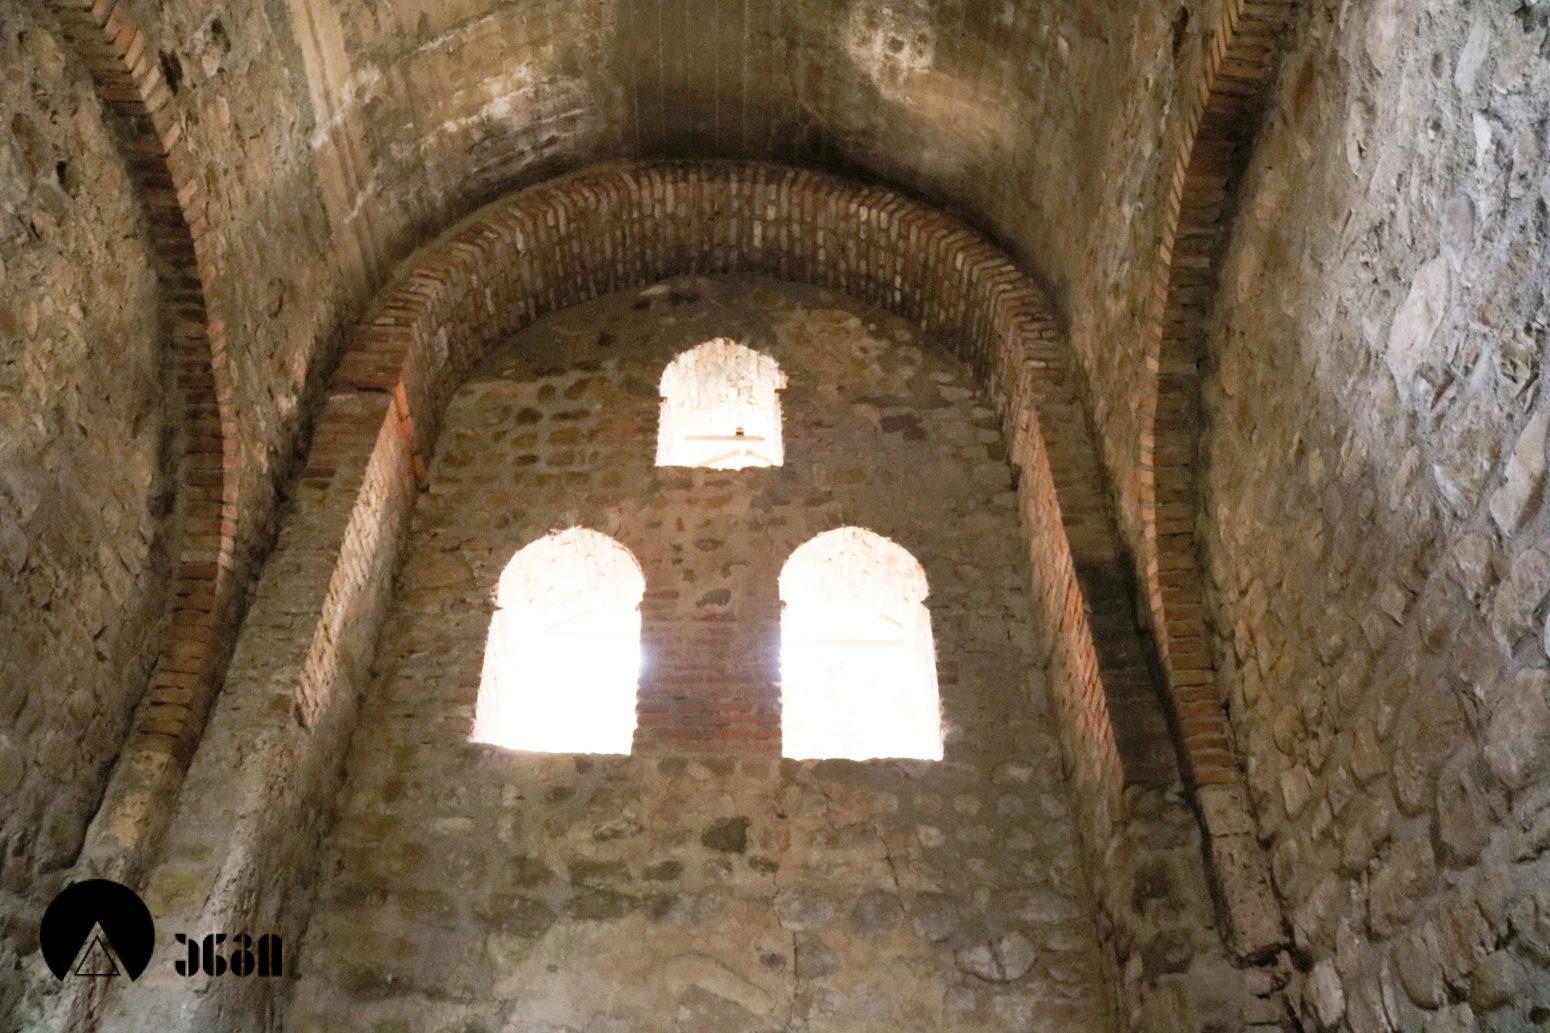 კალაურის ნათლისმცემლის სამონასტრო კომპლექსი